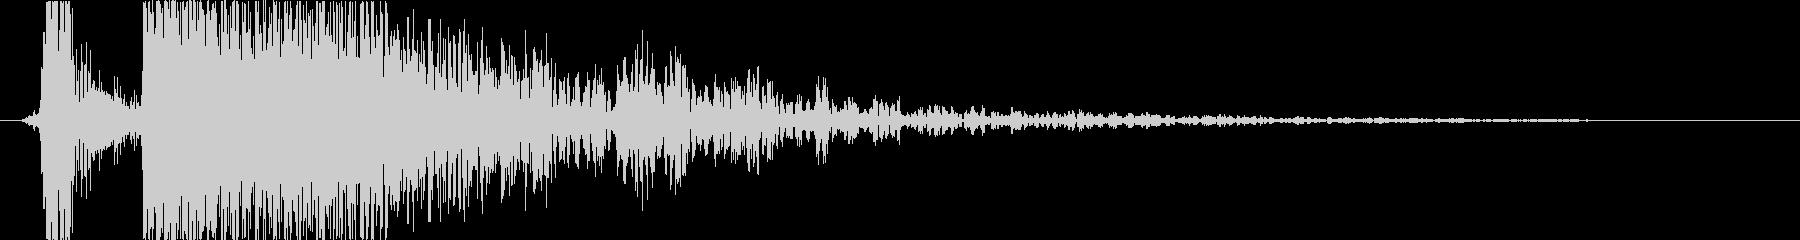 火 スペルファイアキャストラージ01の未再生の波形